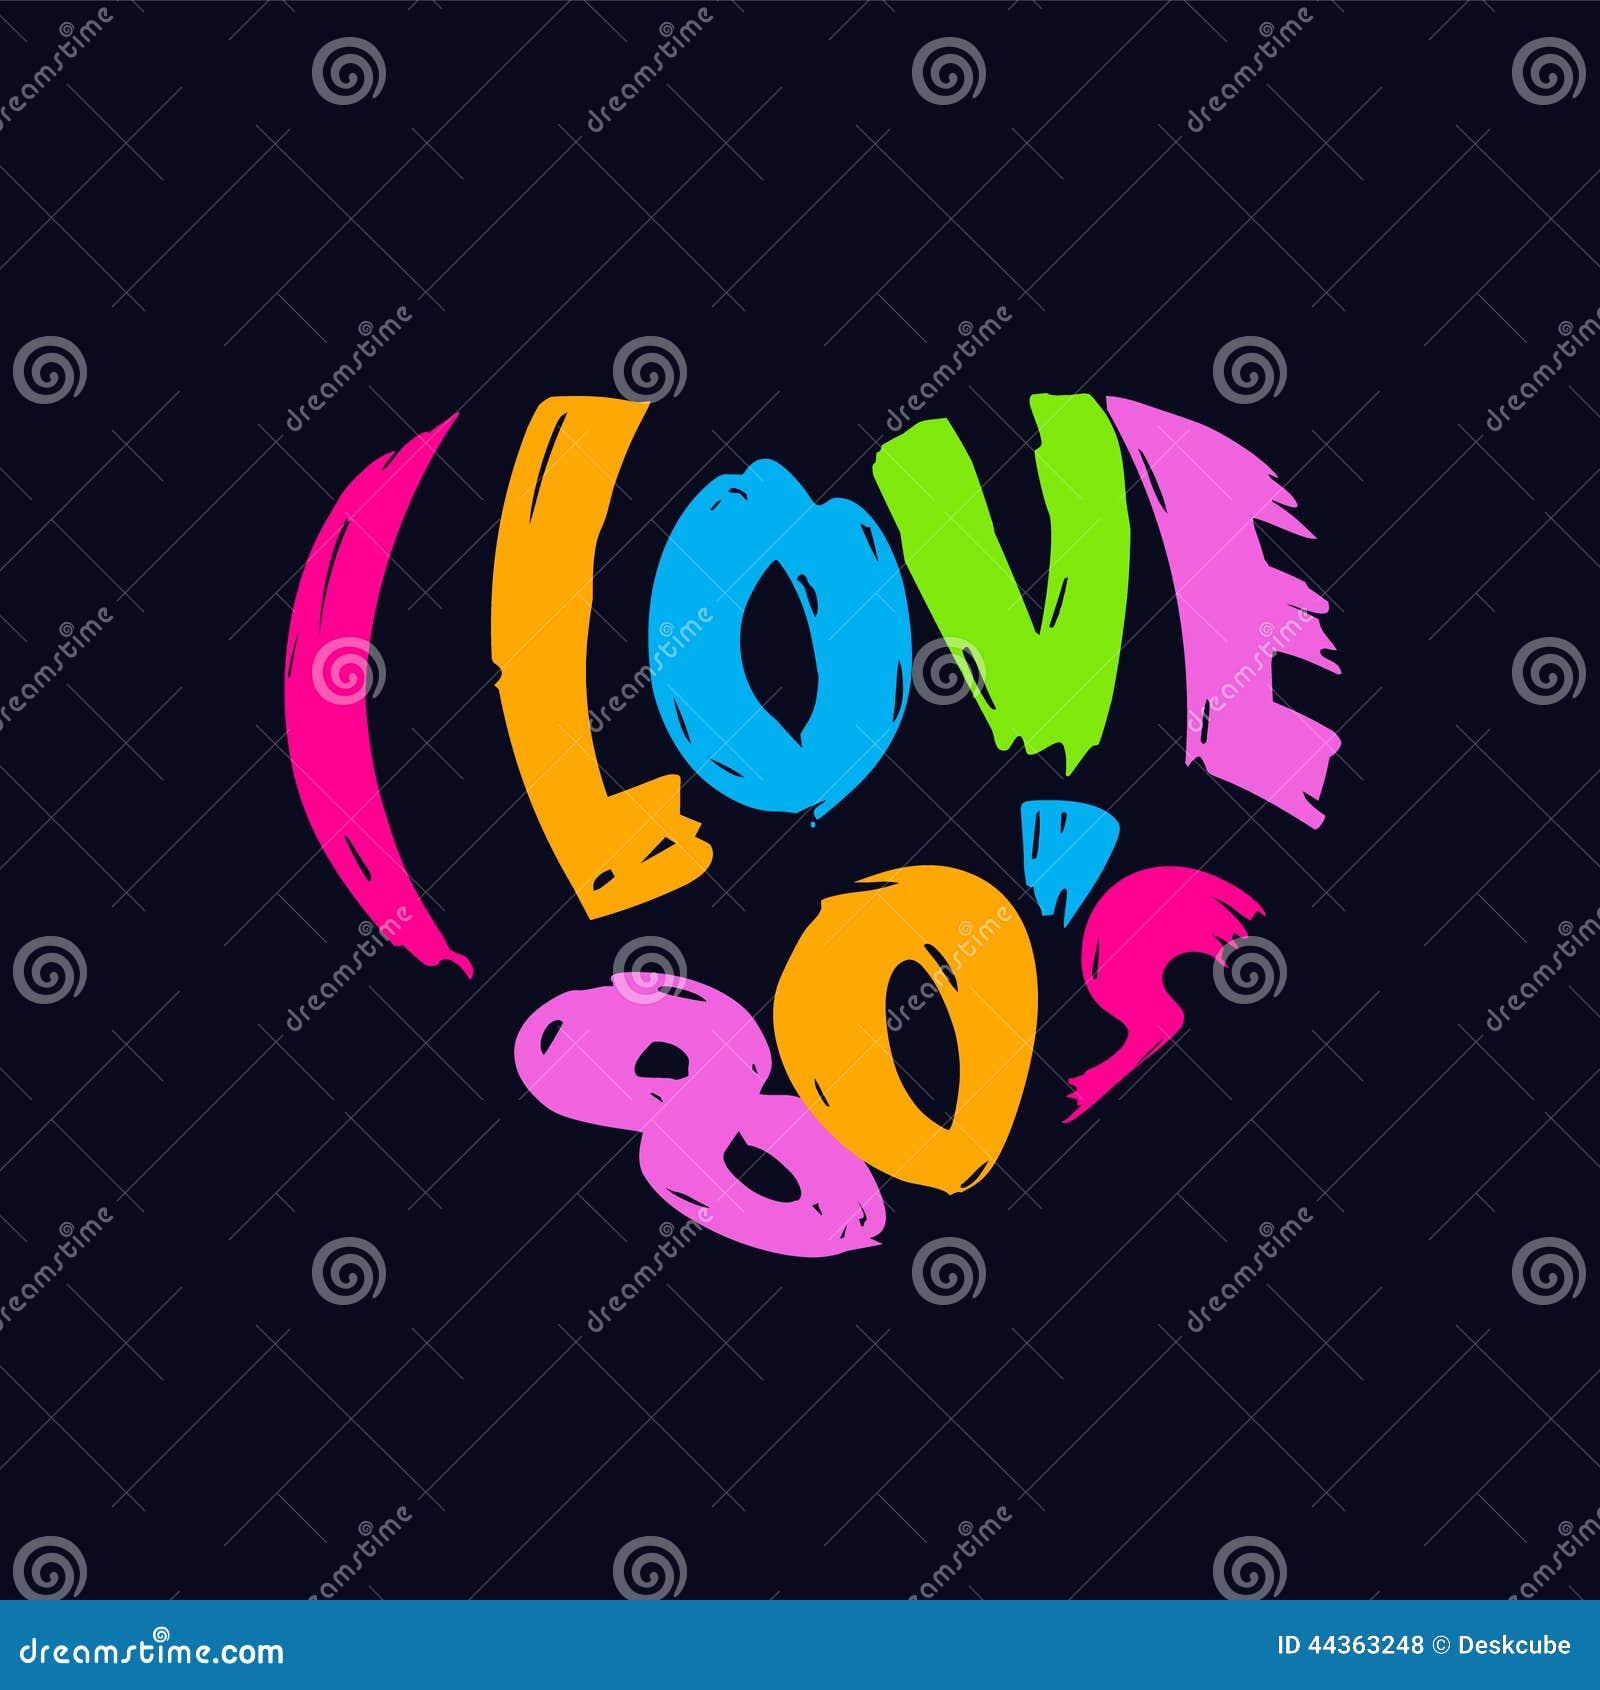 I Love 80s Heart Retro Logo Stock Vector - Image: 44363248